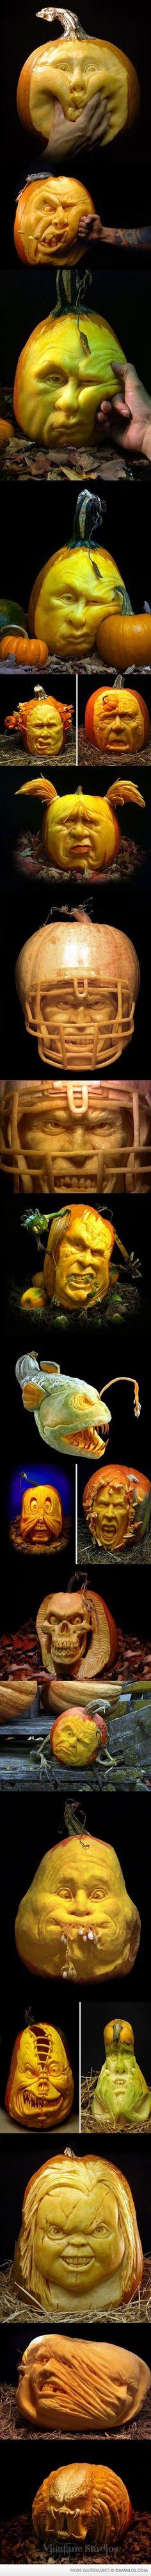 holiday, stuff, art, pumpkins, pumpkin carvings